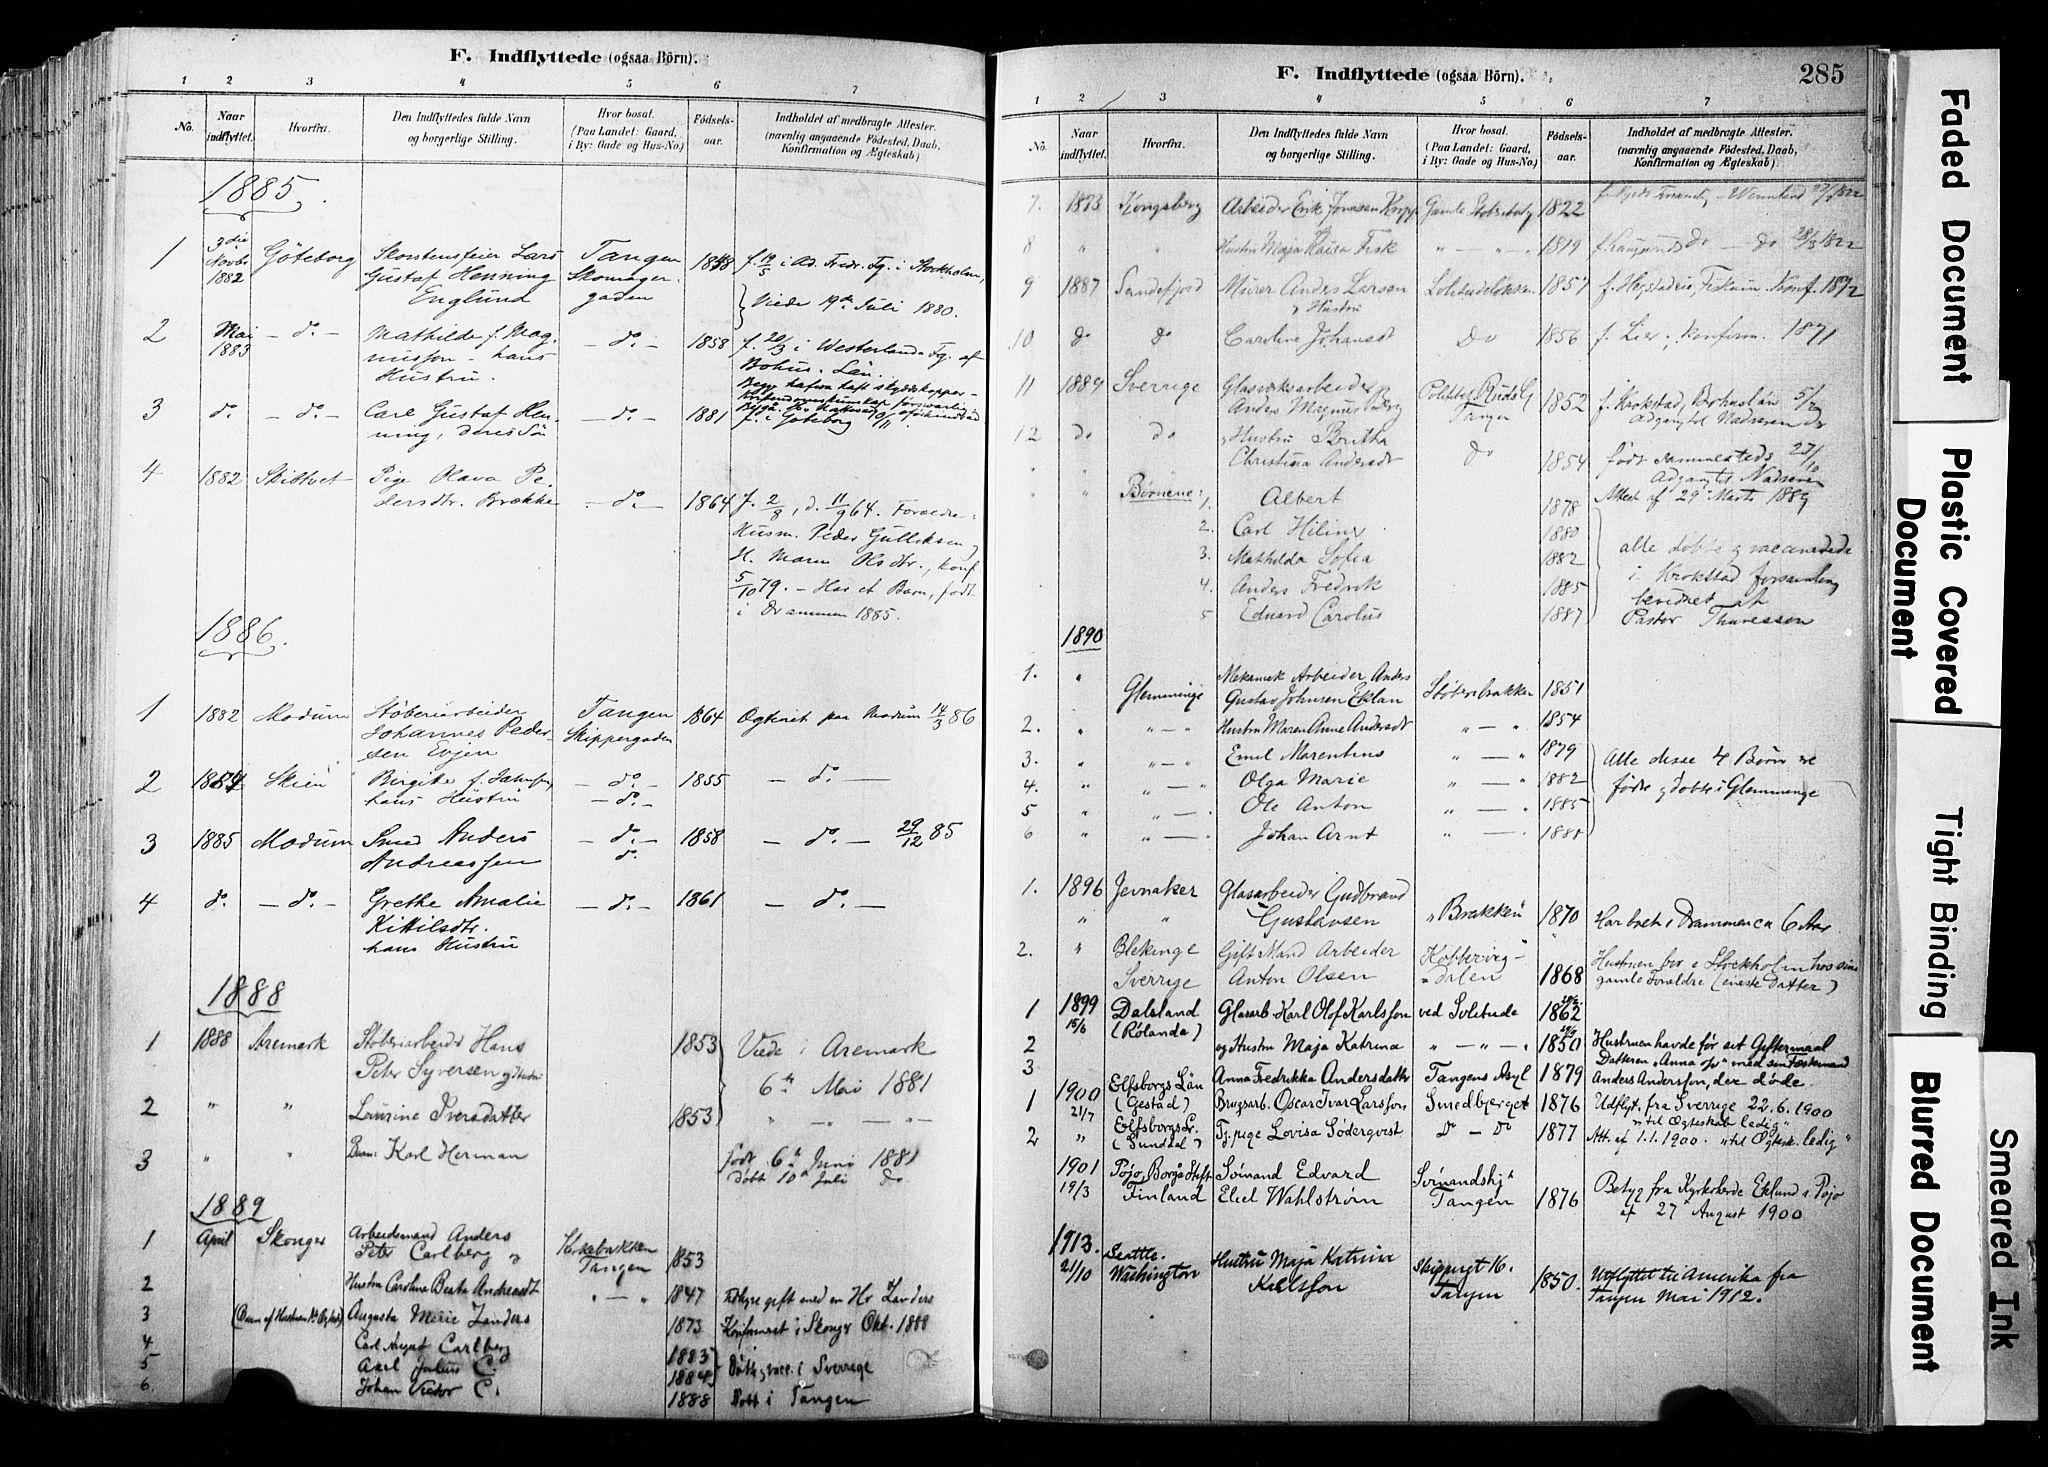 SAKO, Strømsø kirkebøker, F/Fb/L0006: Ministerialbok nr. II 6, 1879-1910, s. 285